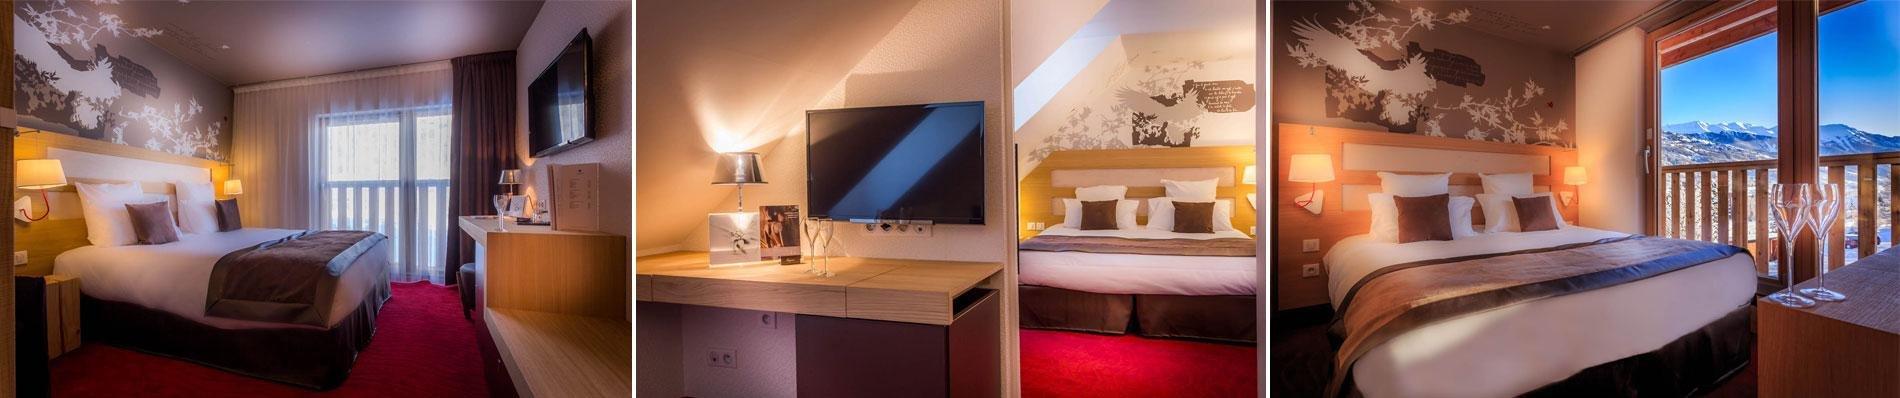 HOTEL-GRAND AIGLE serre chevalier